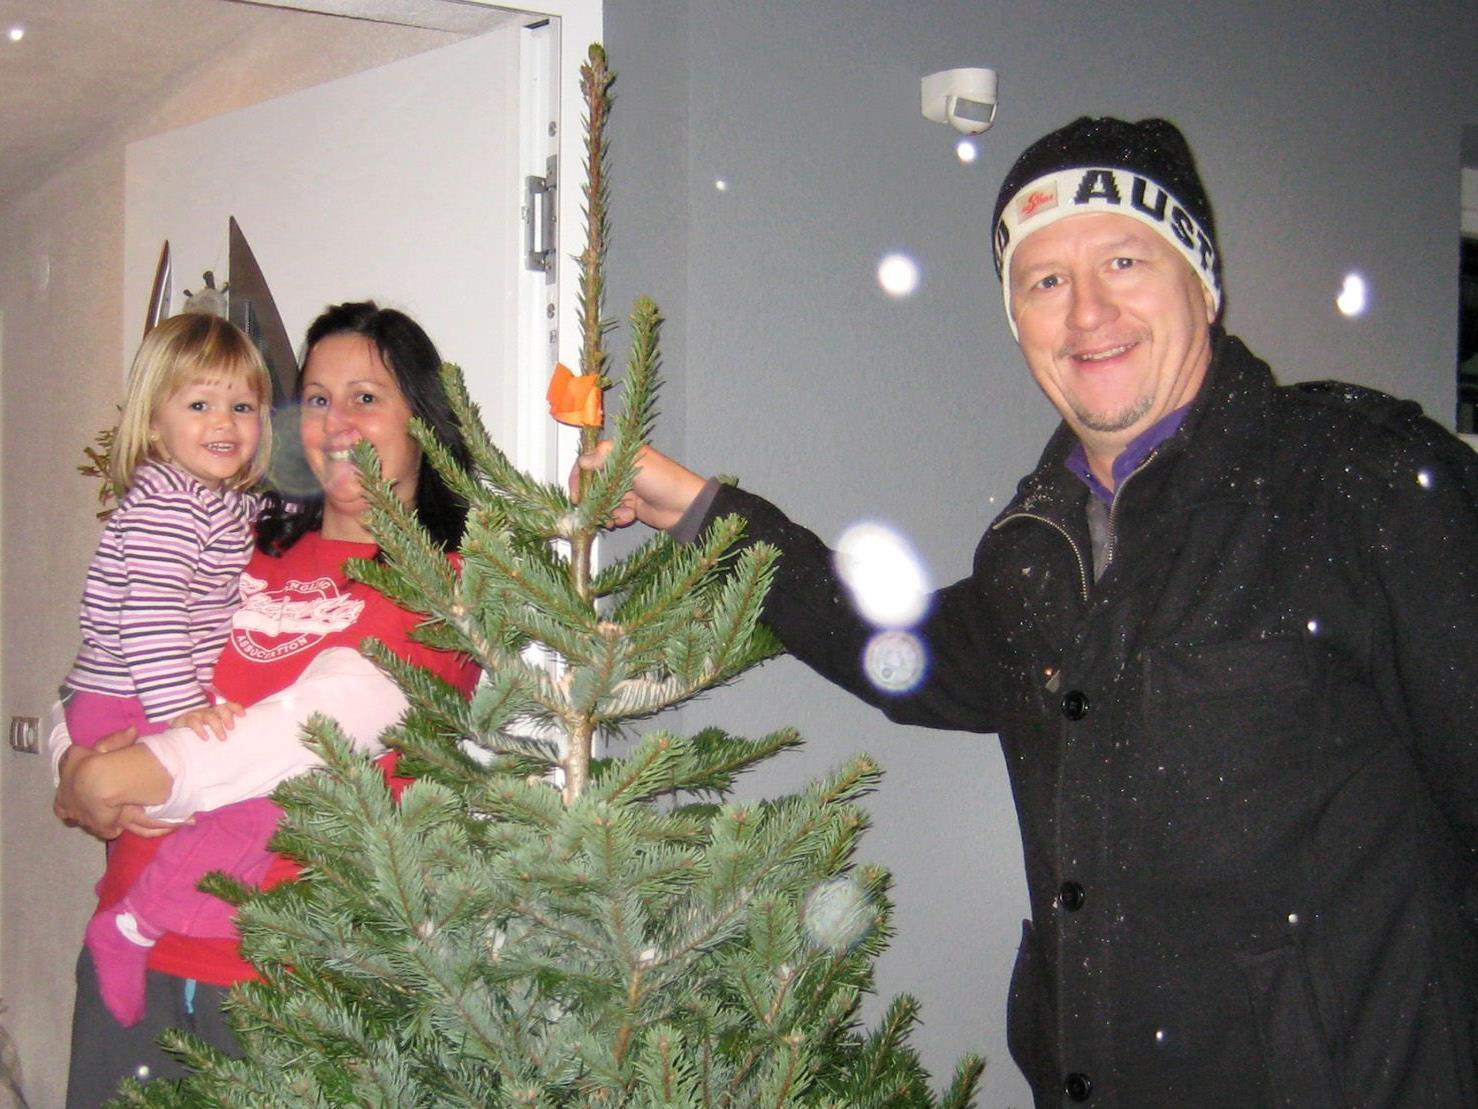 Klaus Meusburger von der Hypo Höchst bringt als Christbaumlieferant Freude ins Haus.